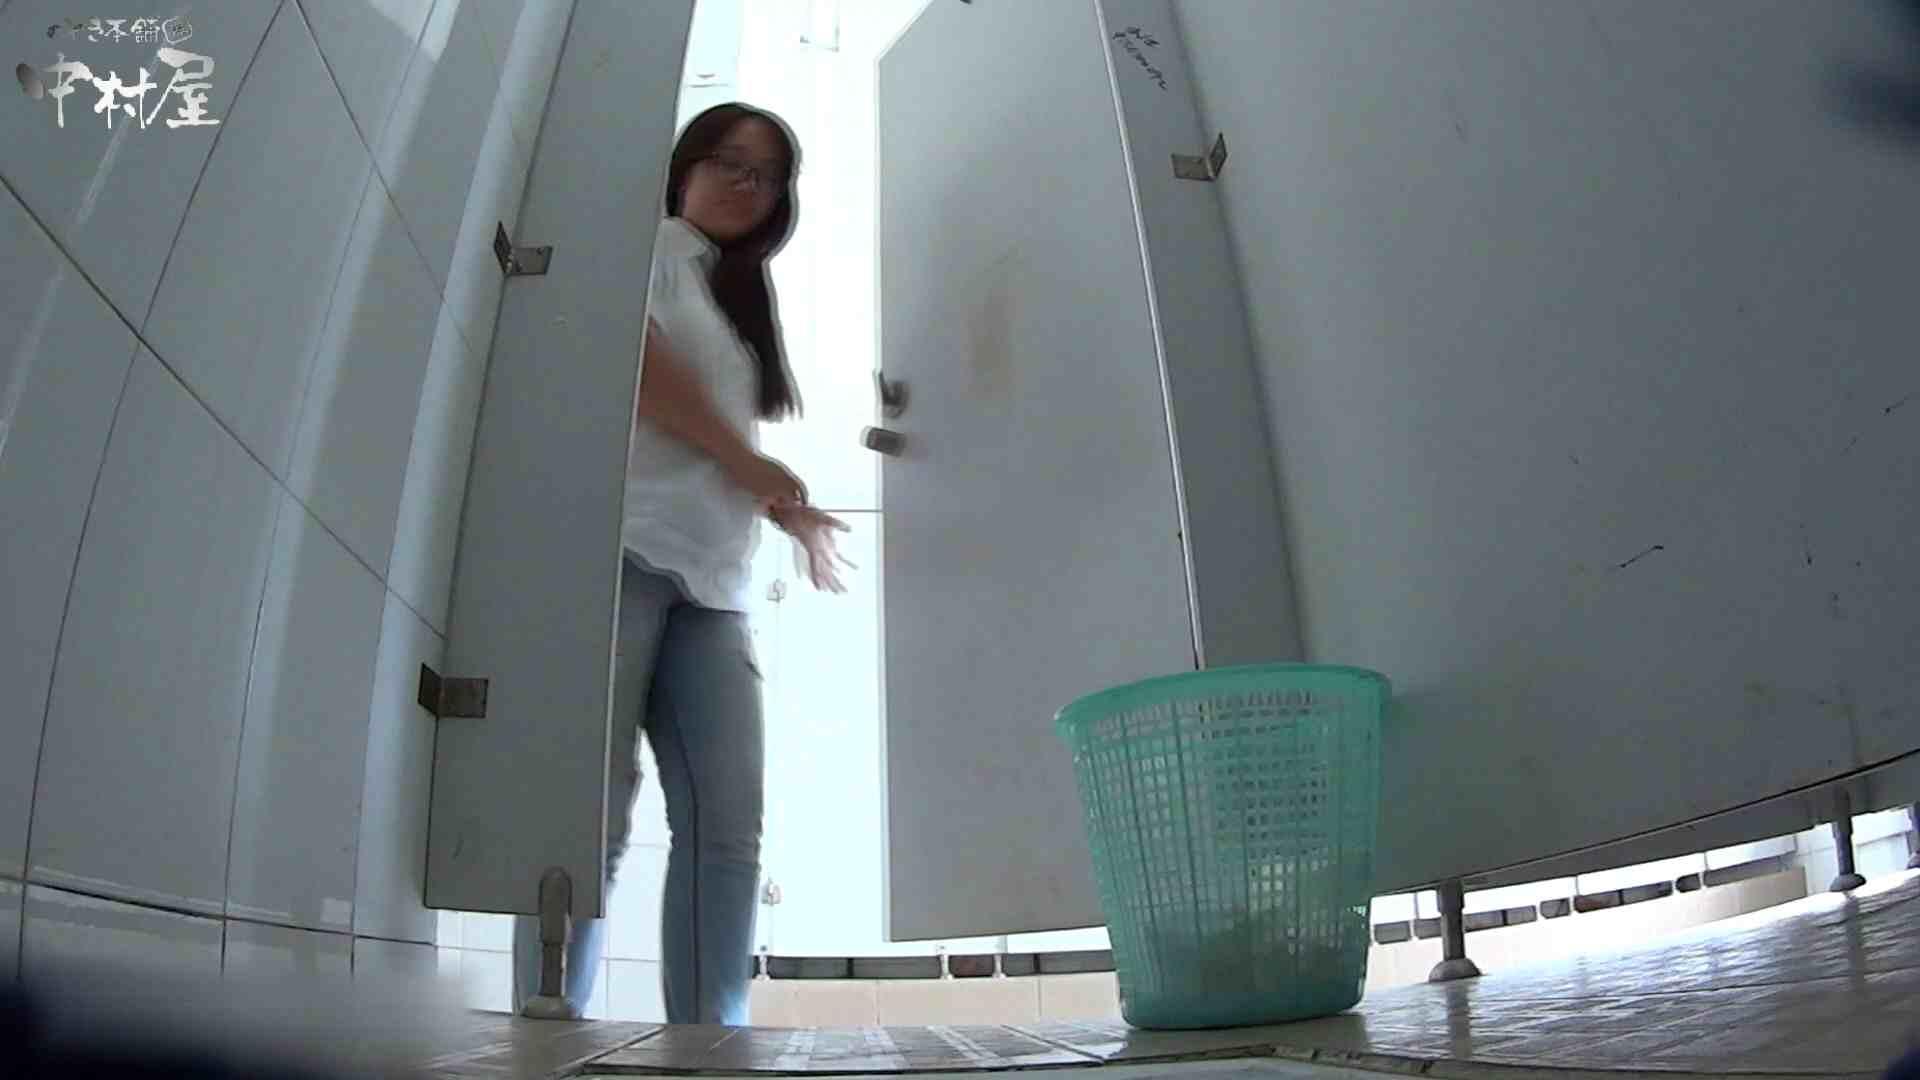 美しい女良たちのトイレ事情 有名大学休憩時間の洗面所事情06 盗撮 | 高画質  110画像 29